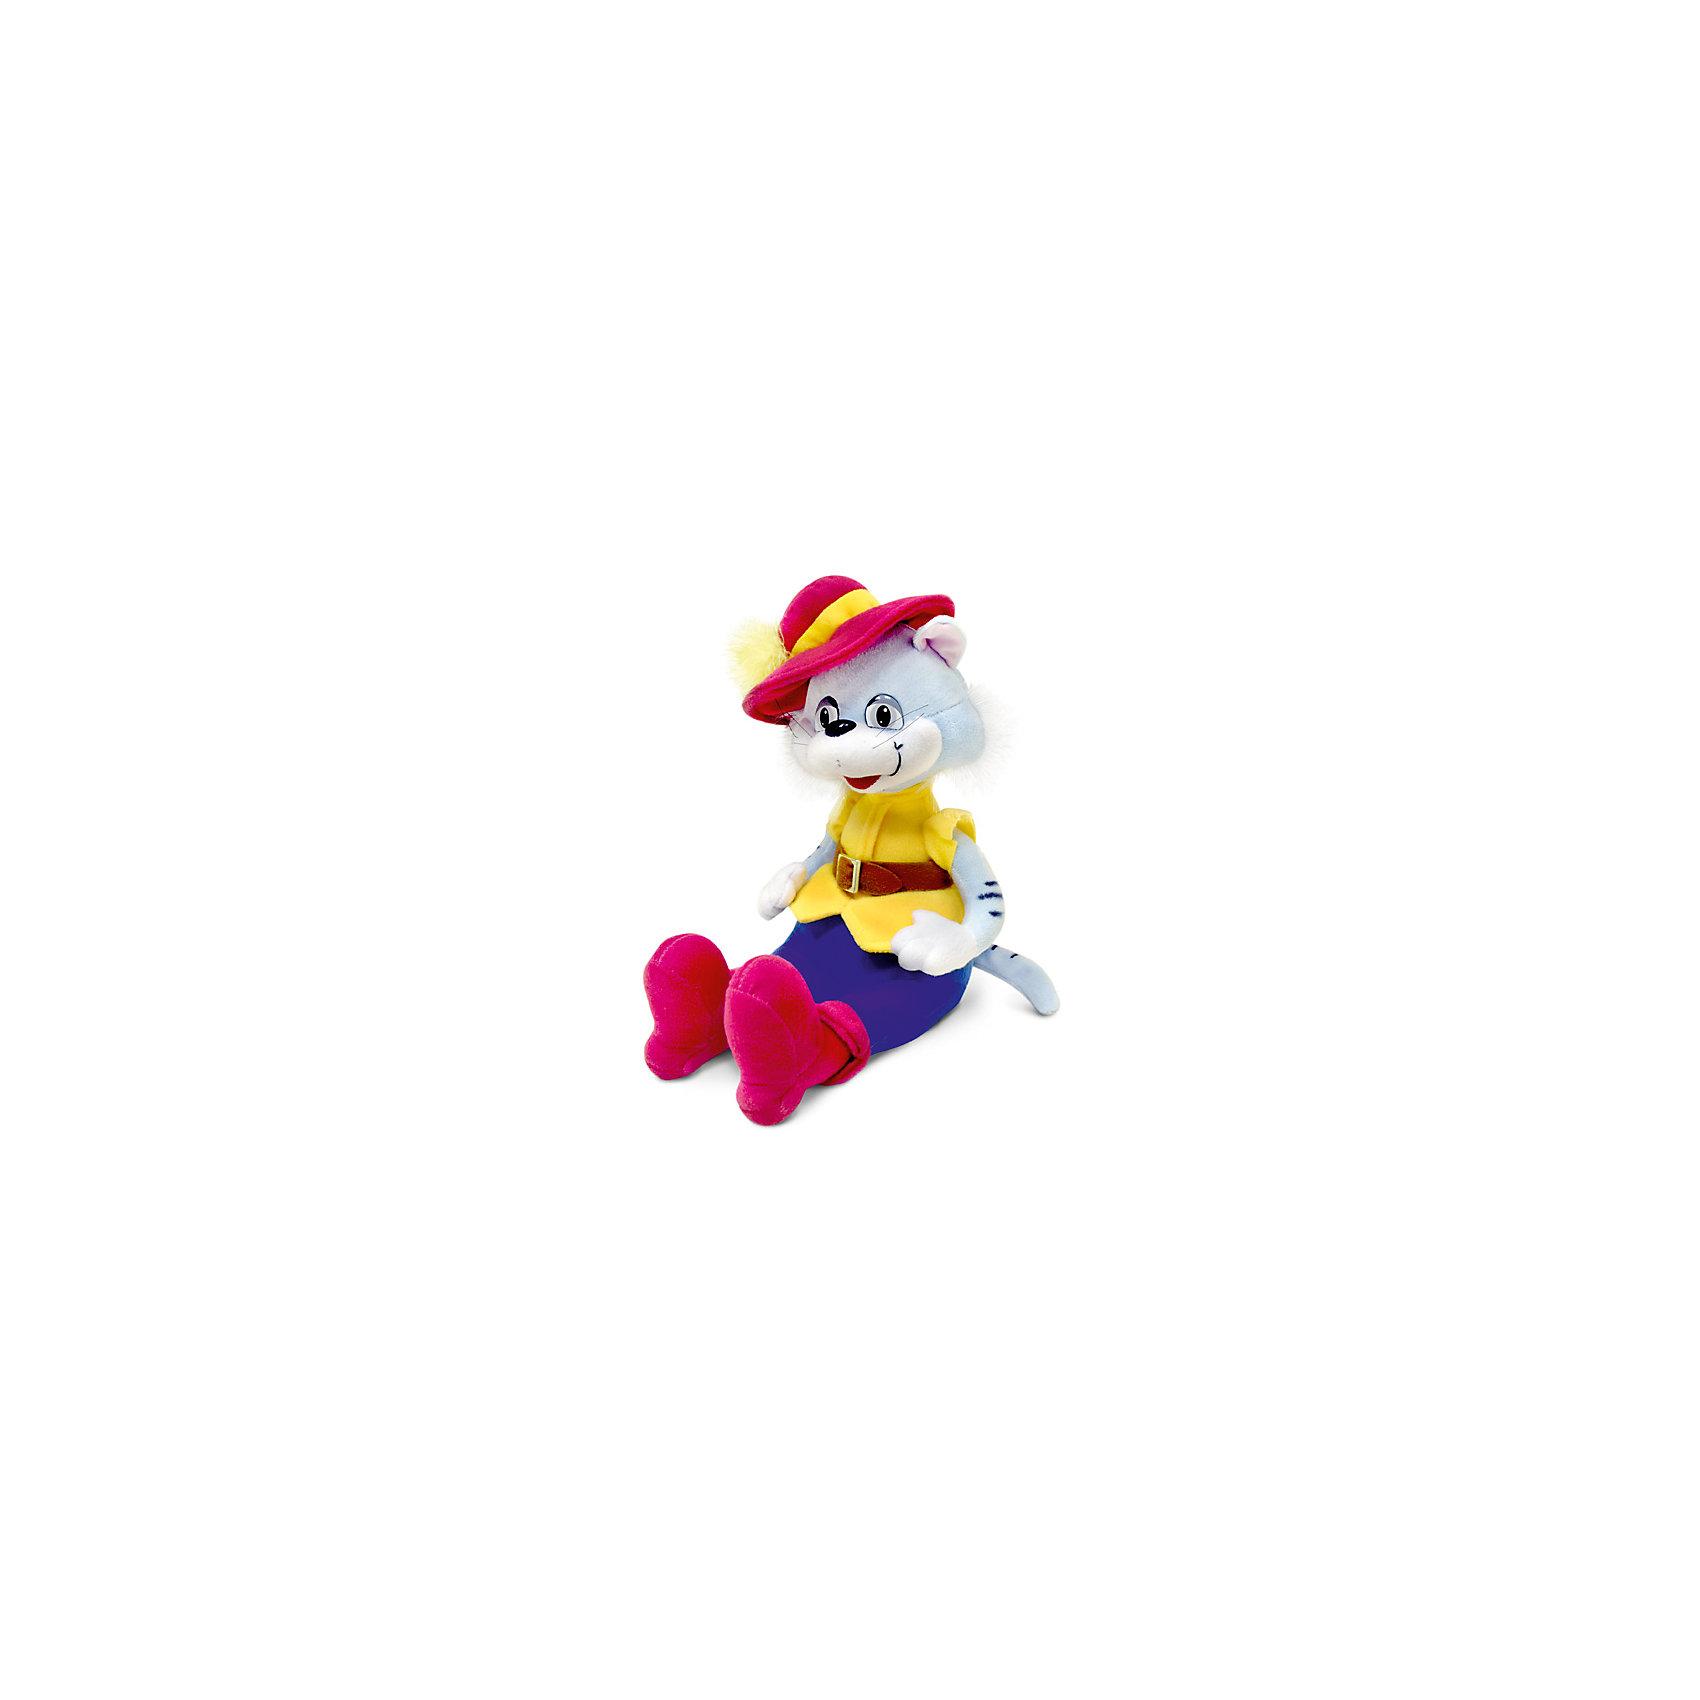 Кот в шляпе, музыкальный, 27 см, LAVAЗабавная мягкая игрушка сделана в виде Кота в сапогах и шляпе. Она поможет ребенку проводить время весело и с пользой (такие игрушки развивают воображение и моторику). В игрушке есть встроенный звуковой модуль, работающий на батарейках.<br>Размер игрушки универсален - 27 сантиметра, её удобно брать с собой в поездки и на прогулку. Сделан Кот из качественных и безопасных для ребенка материалов, которые еще и приятны на ощупь. Эта игрушка может стать и отличным подарком для взрослого.<br><br>Дополнительная информация:<br><br>- материал: текстиль, пластик;<br>- звуковой модуль;<br>- язык: русский;<br>- работает на батарейках;<br>- высота: 27 см.<br><br>Игрушку Кот в шляпе, музыкальный, 27 см, от марки LAVA можно купить в нашем магазине.<br><br>Ширина мм: 9999<br>Глубина мм: 9999<br>Высота мм: 270<br>Вес г: 469<br>Возраст от месяцев: 36<br>Возраст до месяцев: 1188<br>Пол: Унисекс<br>Возраст: Детский<br>SKU: 4701876